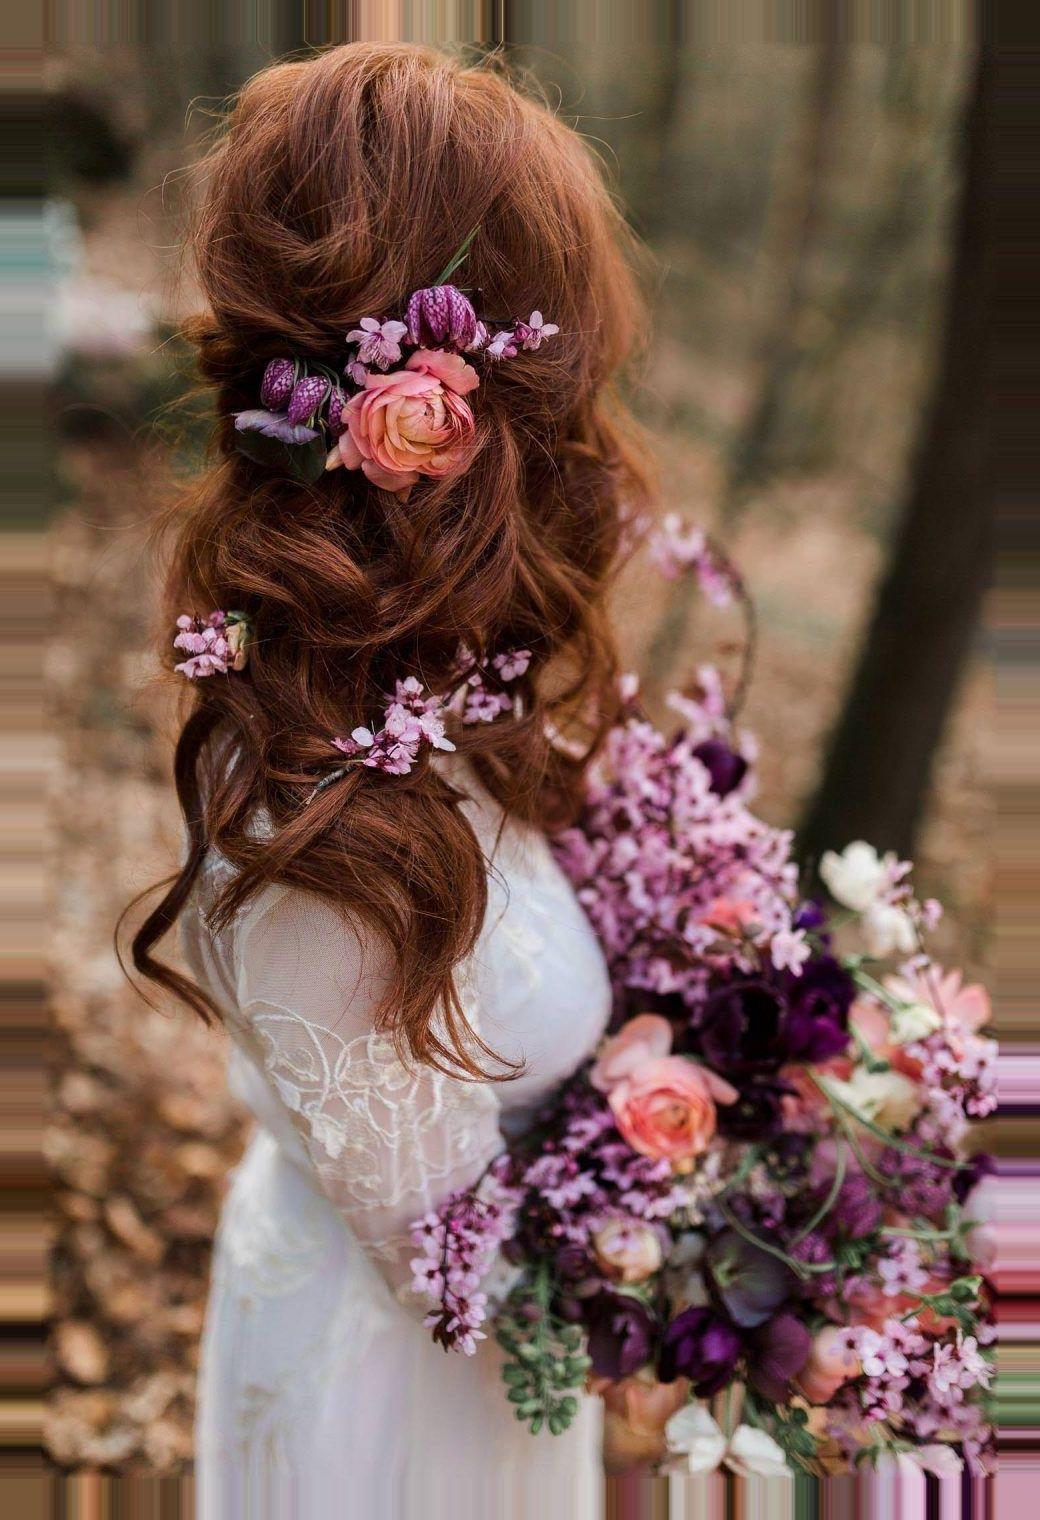 , #blumen #brautlook #haar #Julia Stegner hair Blumen im Haar – Brautlook Valentinstag-Elopement in den Dörenther Klippen Fotografie: Julia Schick Fo…, My Diana Morales Blog, My Diana Morales Blog